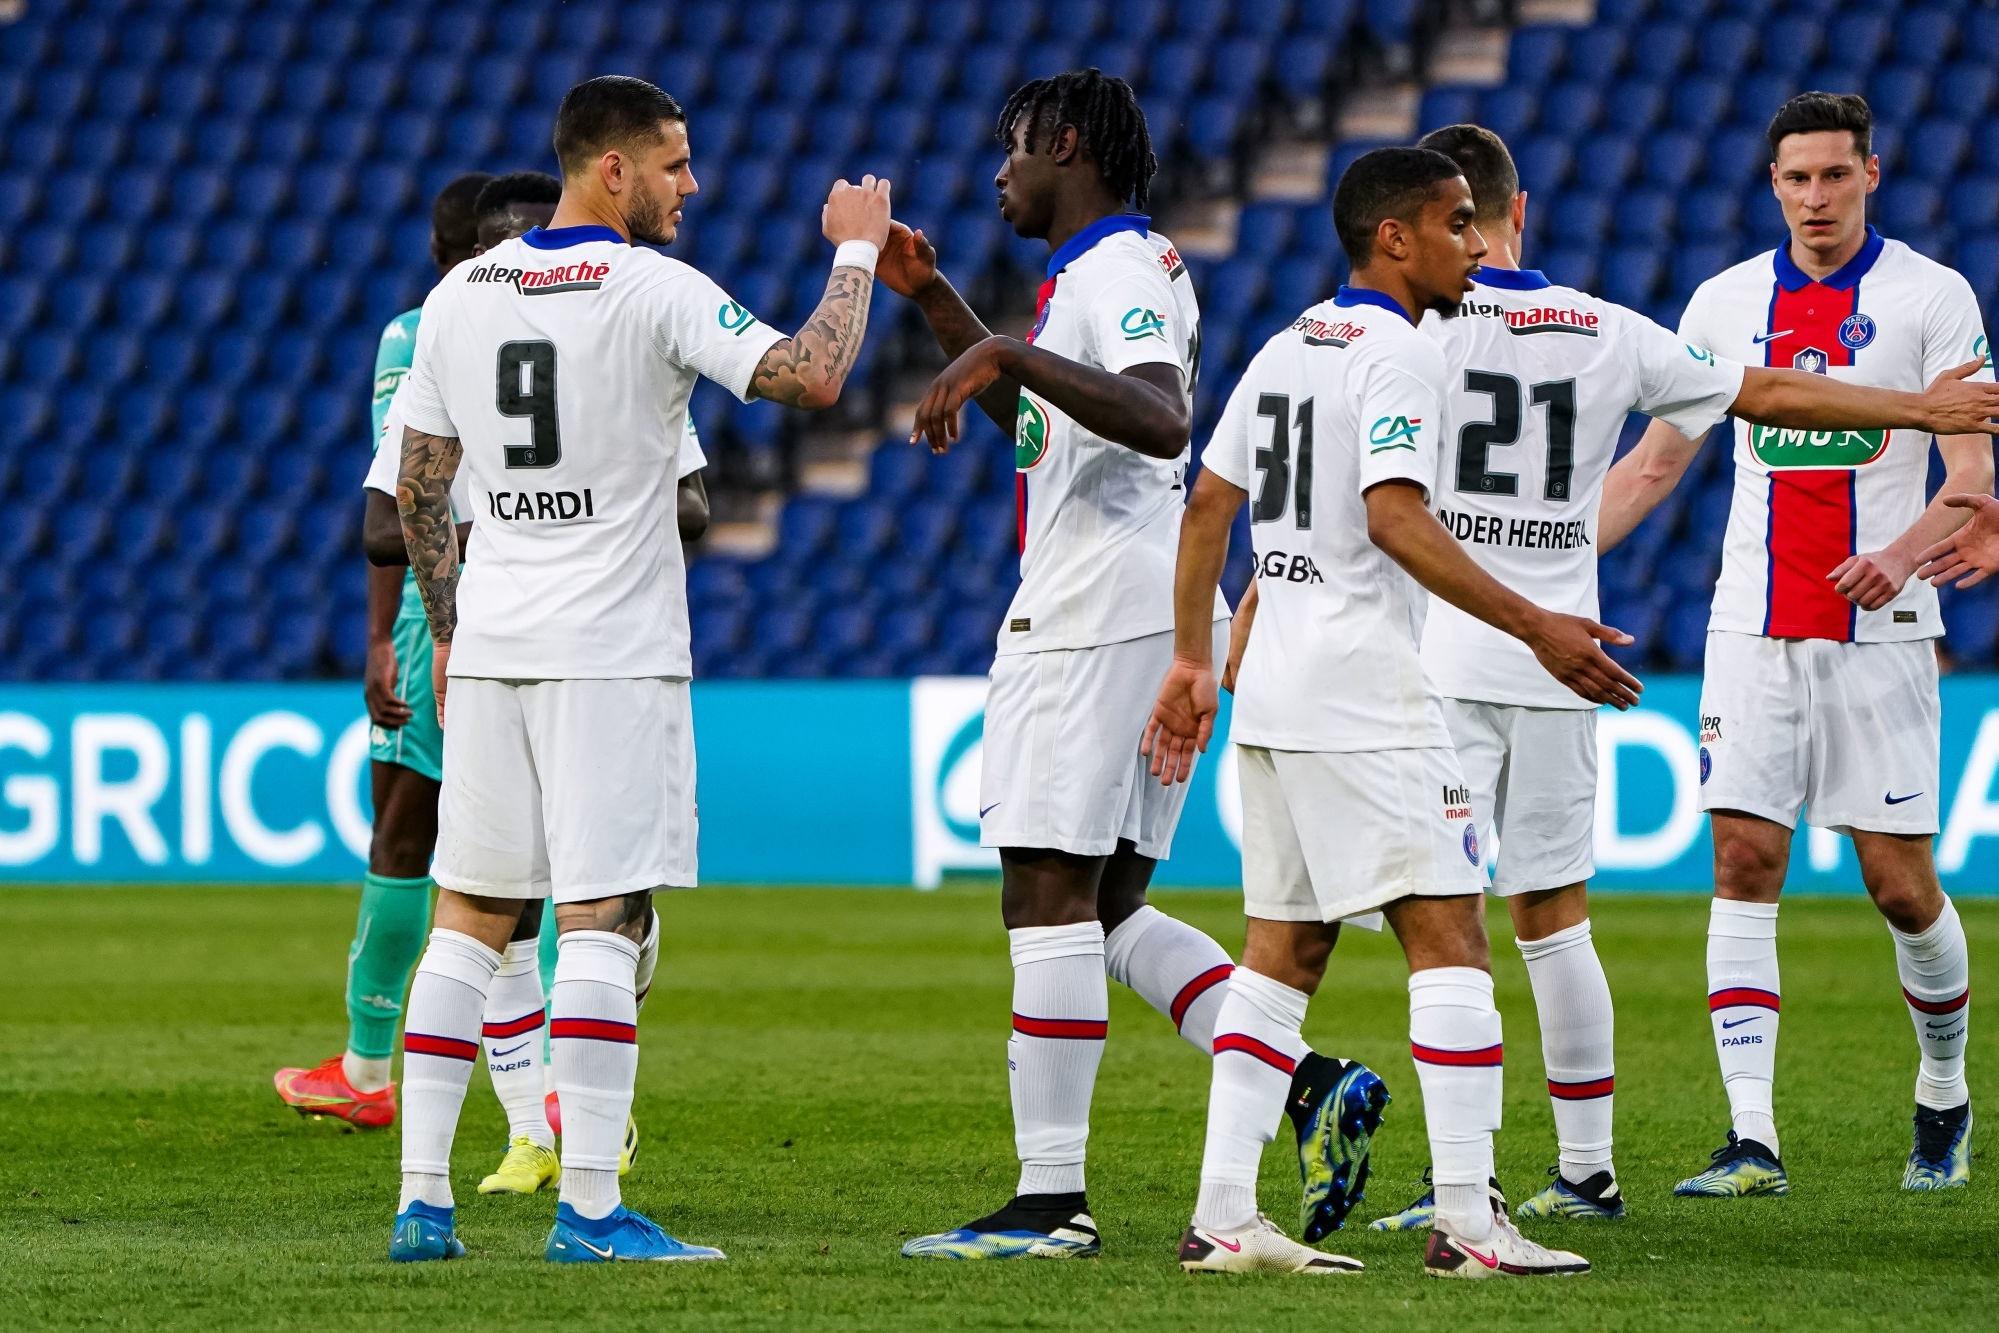 PSG/Angers - Les notes des Parisiens dans la presse : Icardi joueur du match